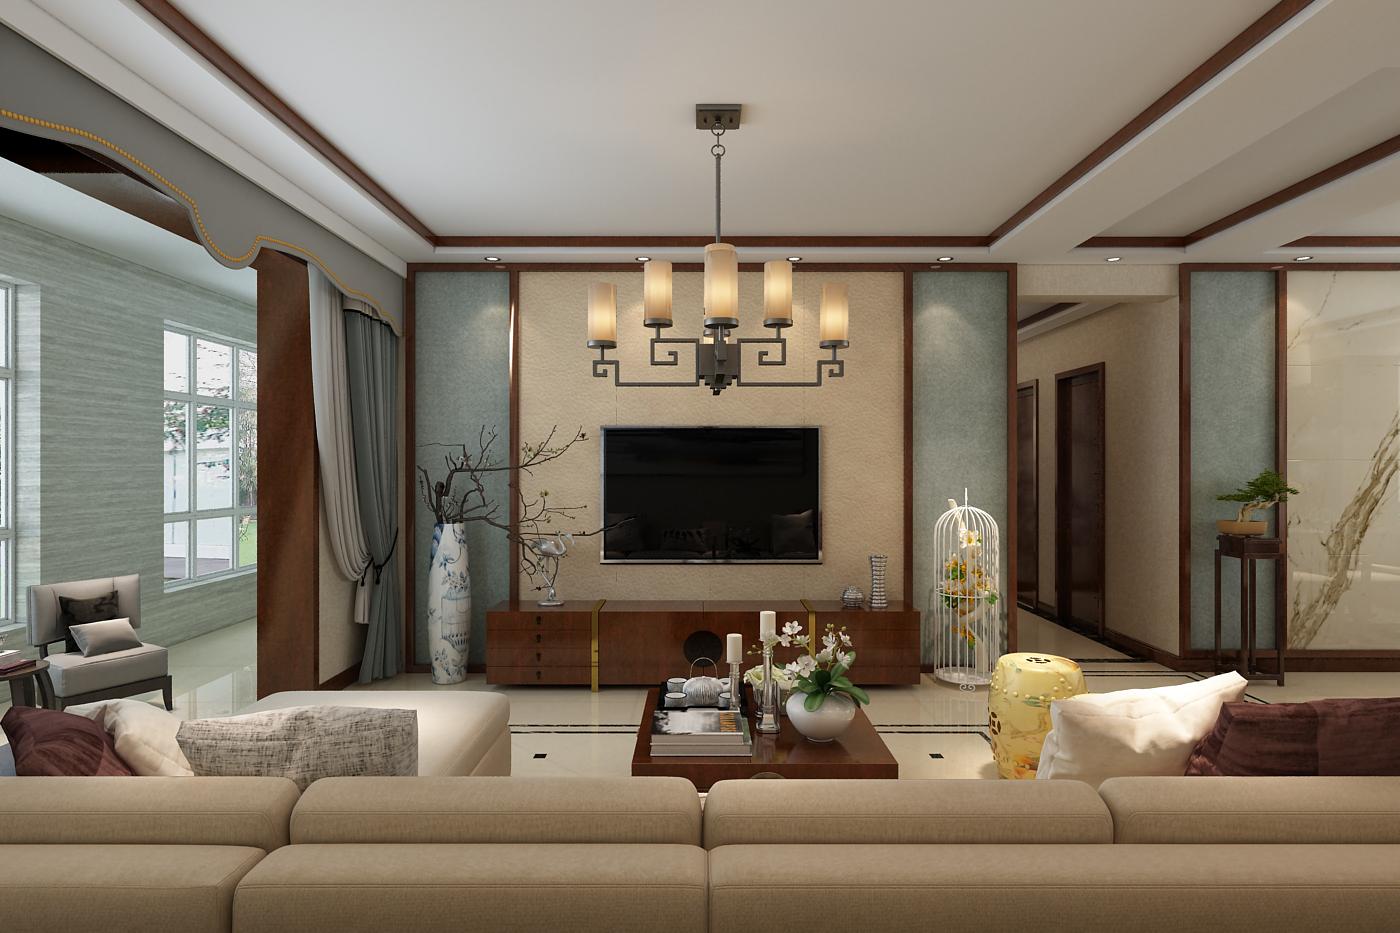 130㎡新中式风格电视背景墙装修效果图